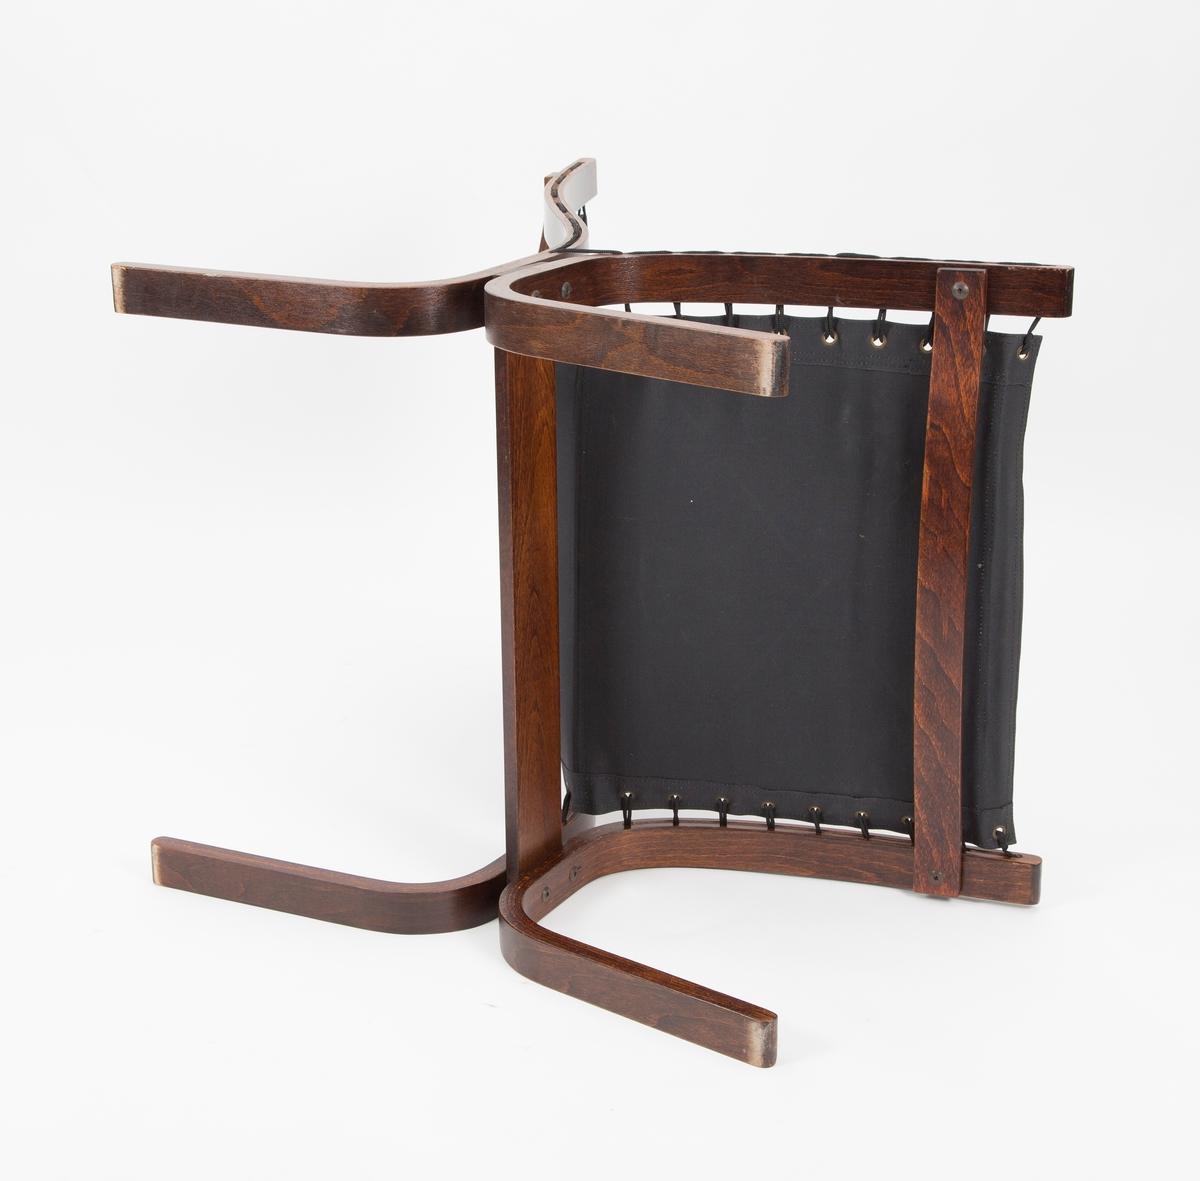 Mørk lav skinnstol uten armlener, 4 stk. Rektangulær rygg- og sittepute surret til treramme. Svært typisk 1970-tall.